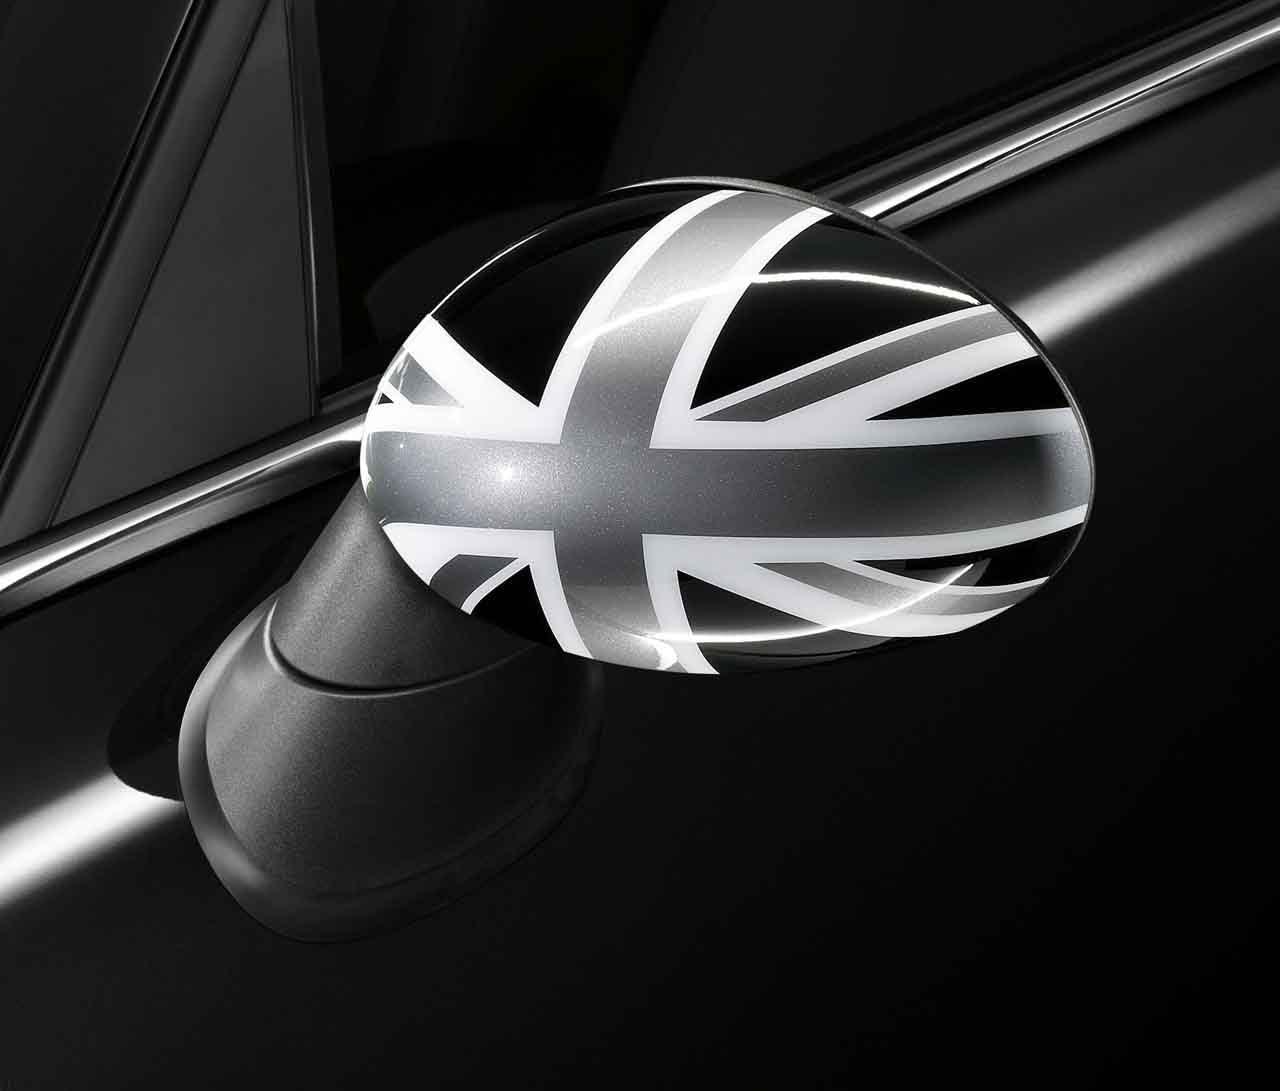 Mini 51162147676 Außenspiegelkappe Union Jack Uk Britische Flagge Schwarz Auto